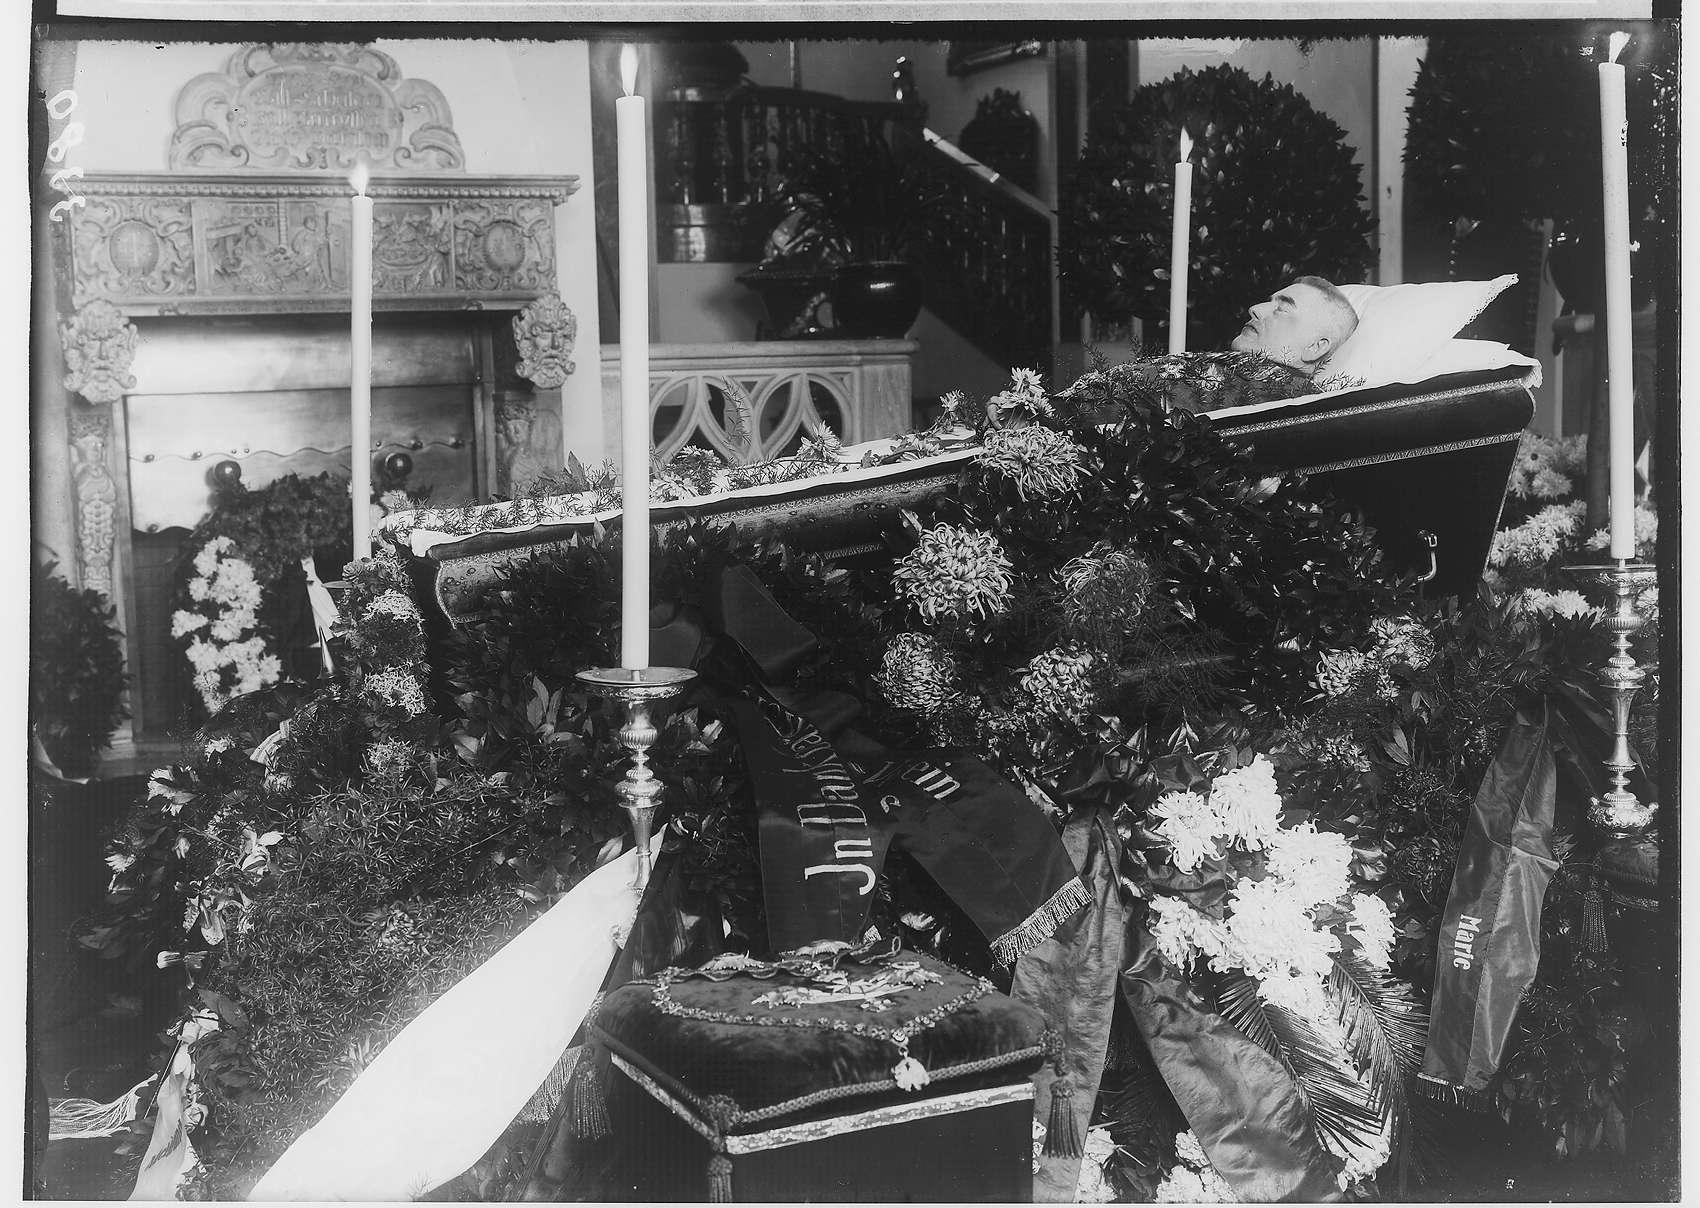 Leichnam des Fürsten Wilhelm von Hohenzollern in Generalsuniform in der Kanonenhalle zu Schloß Sigmaringen aufgebahrt, Bild 1